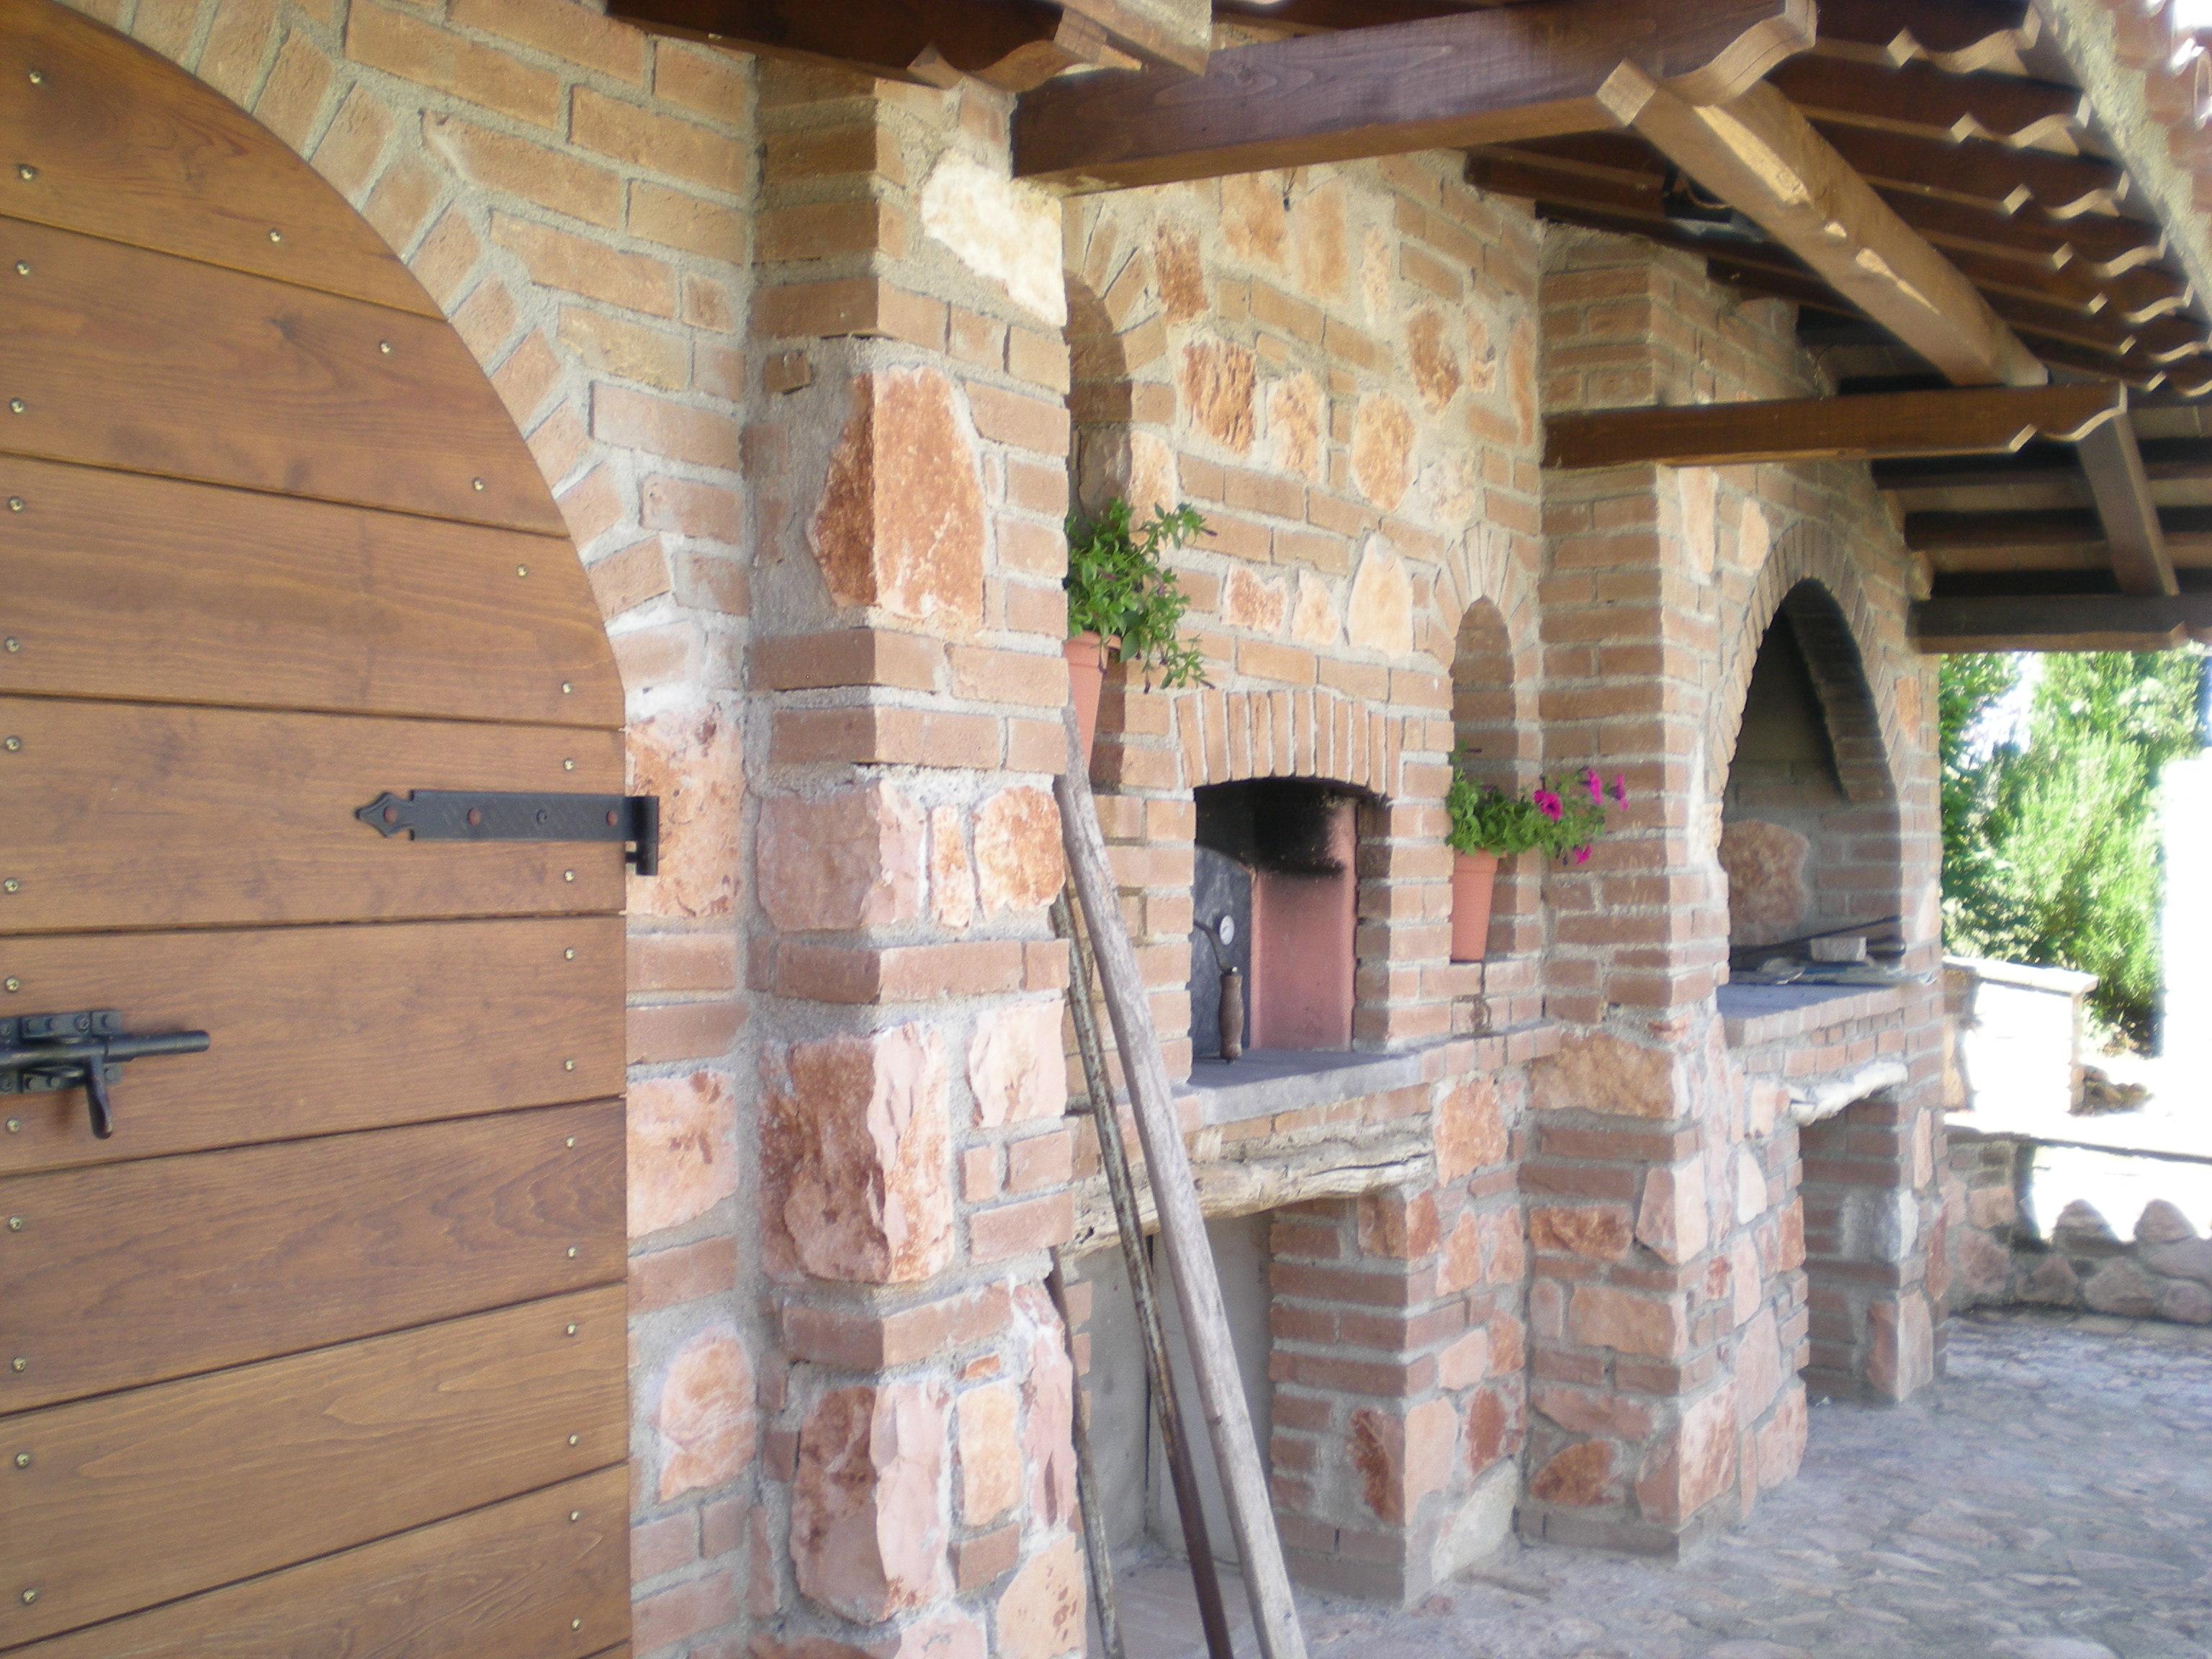 Ilsassovivo #876C44 3072 2304 Foto Di Cucine Con Cartongesso